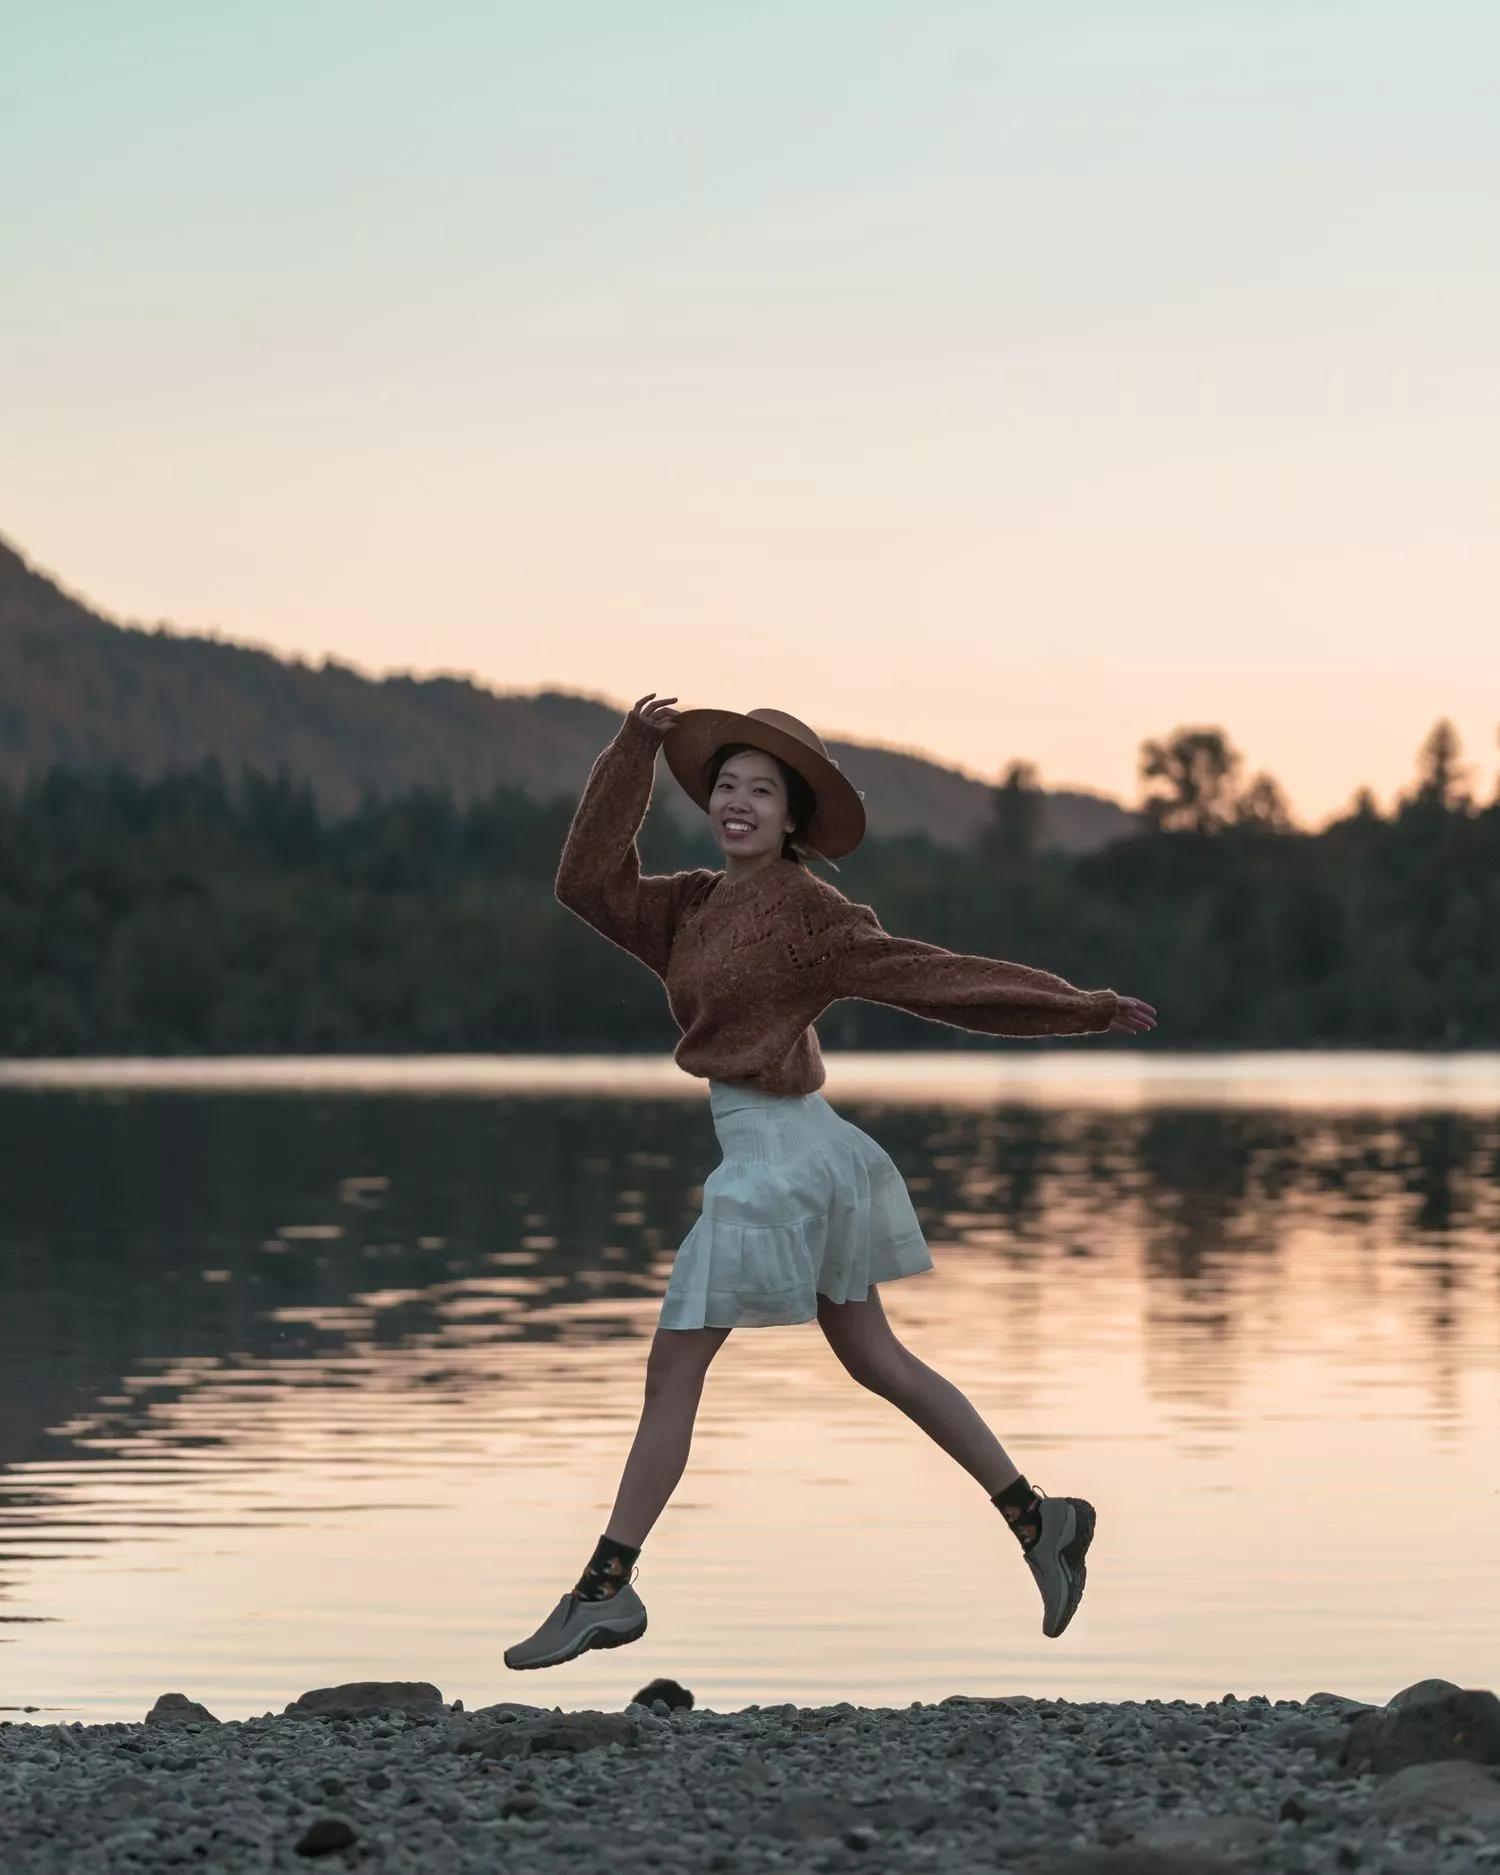 Nhảy lên làm cho bức ảnh của bạn trông thật năng động